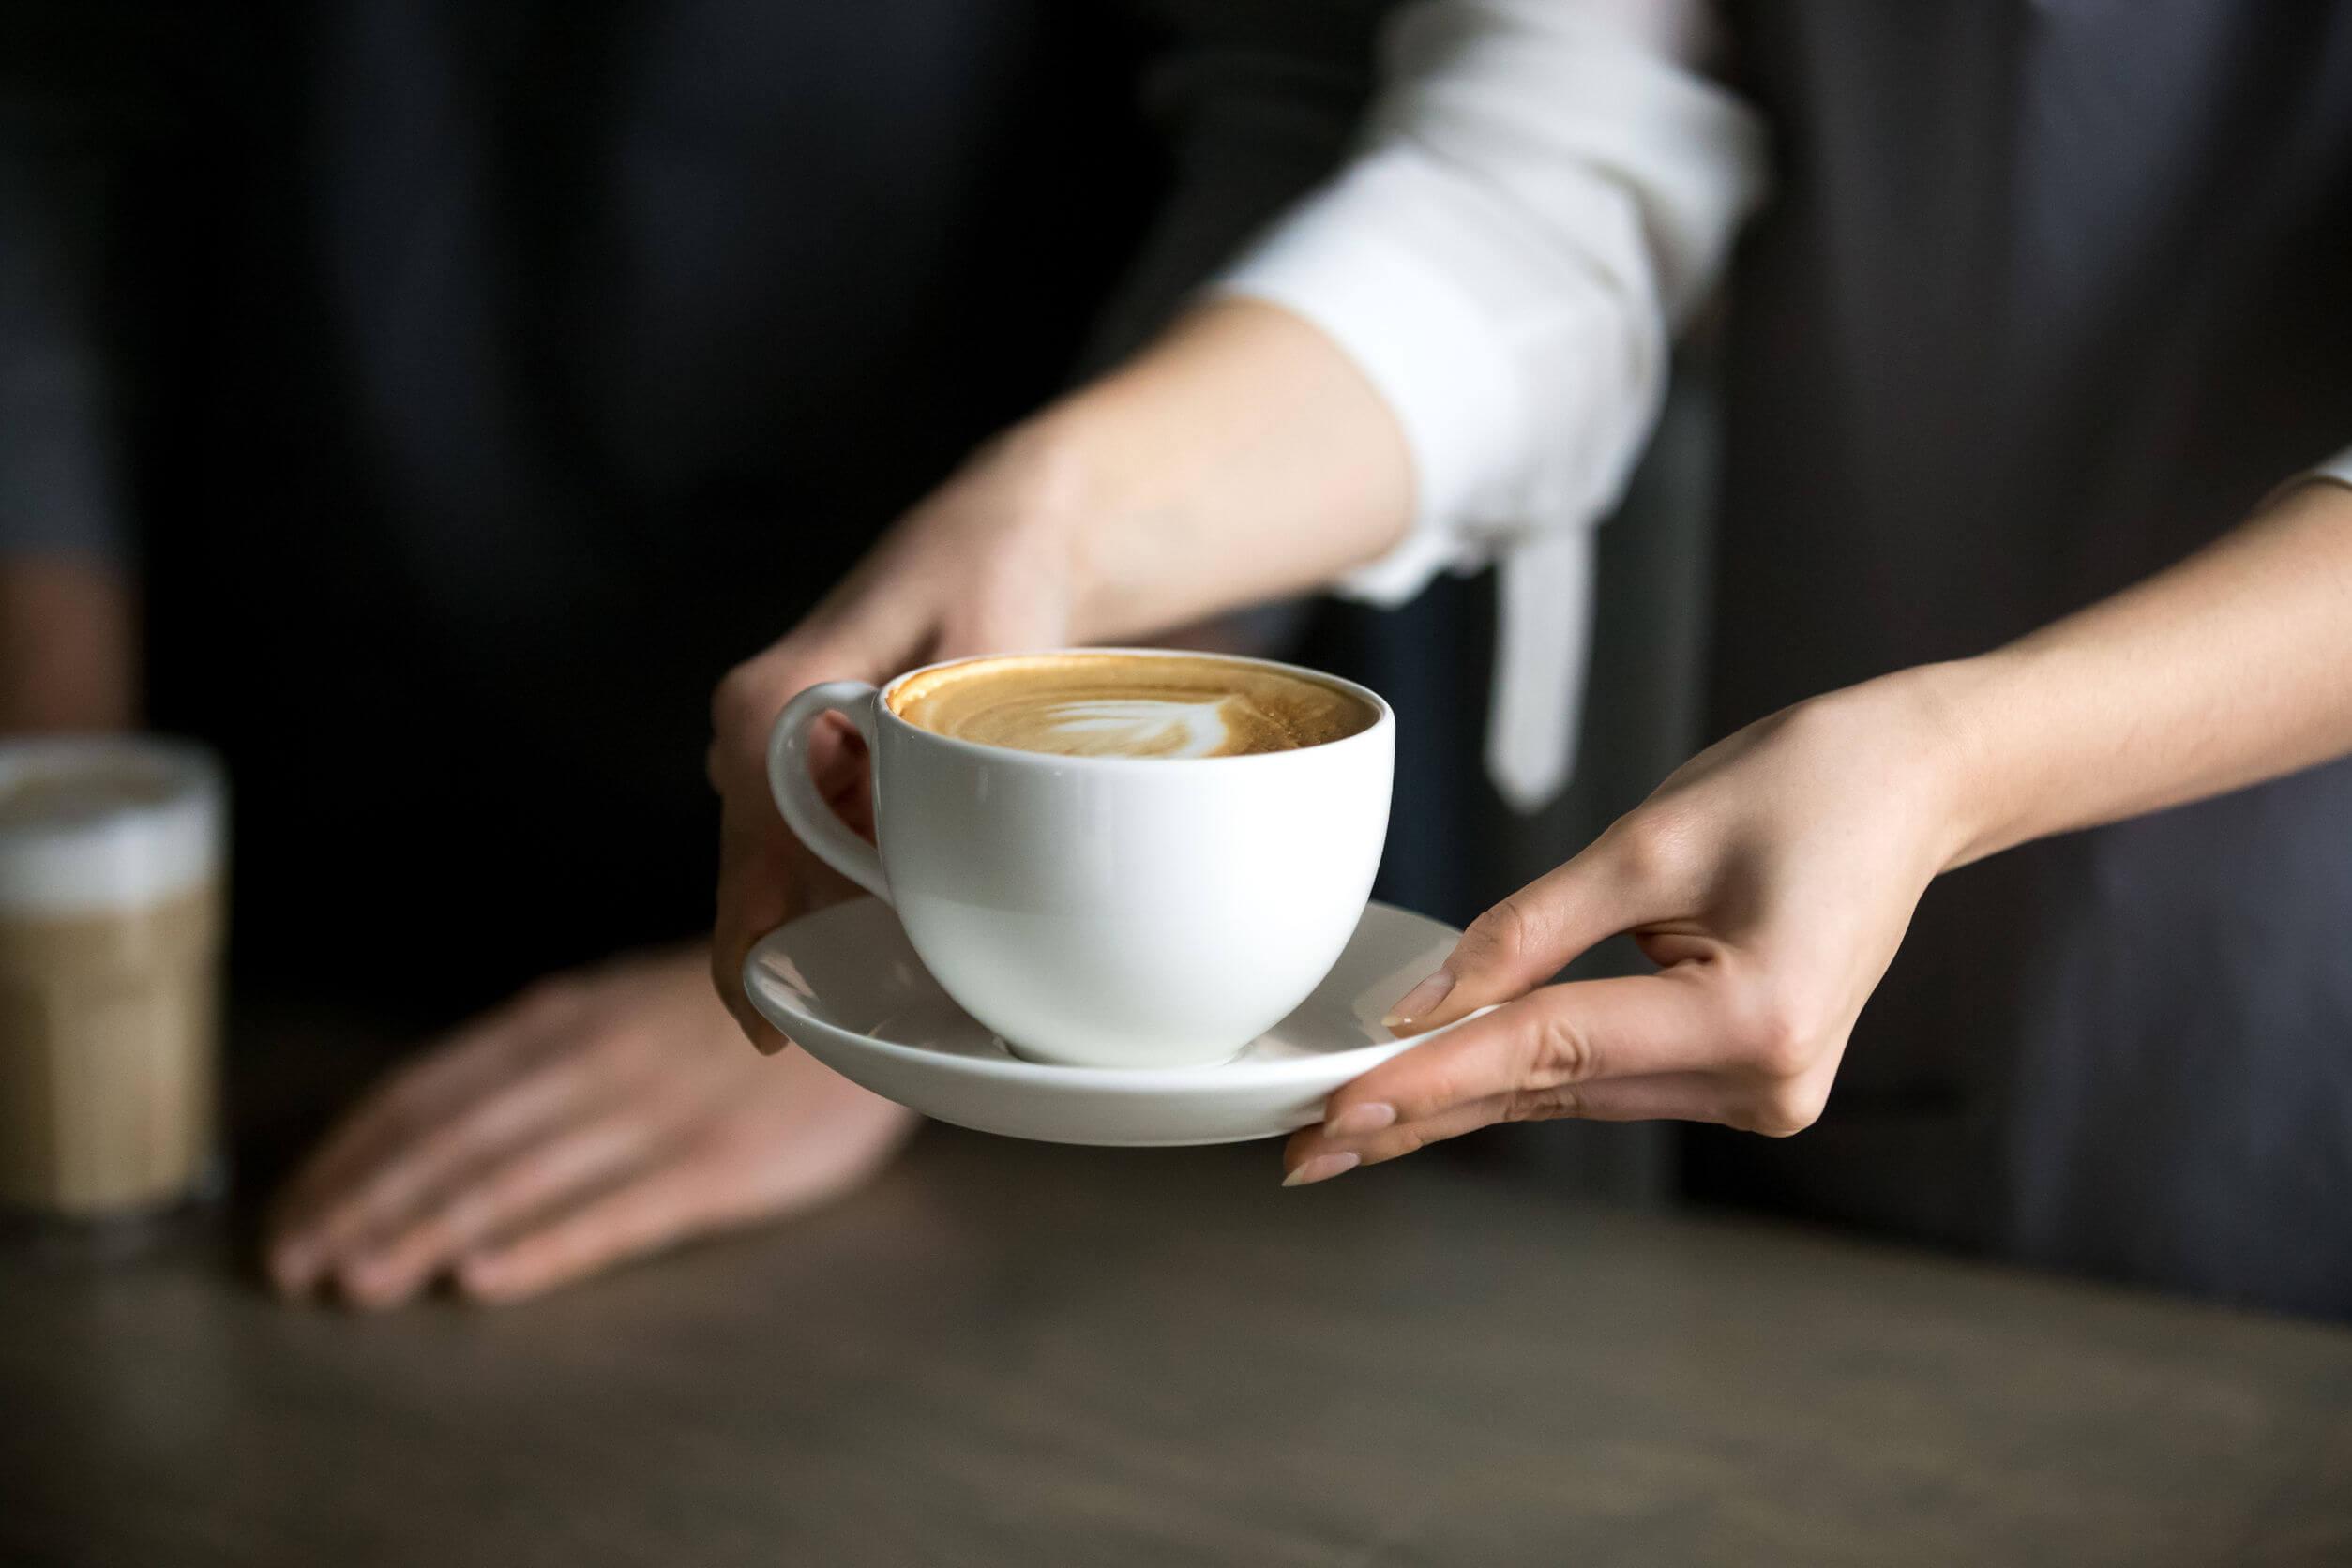 La migraña puede aparecer cuando cambia el consumo de café.